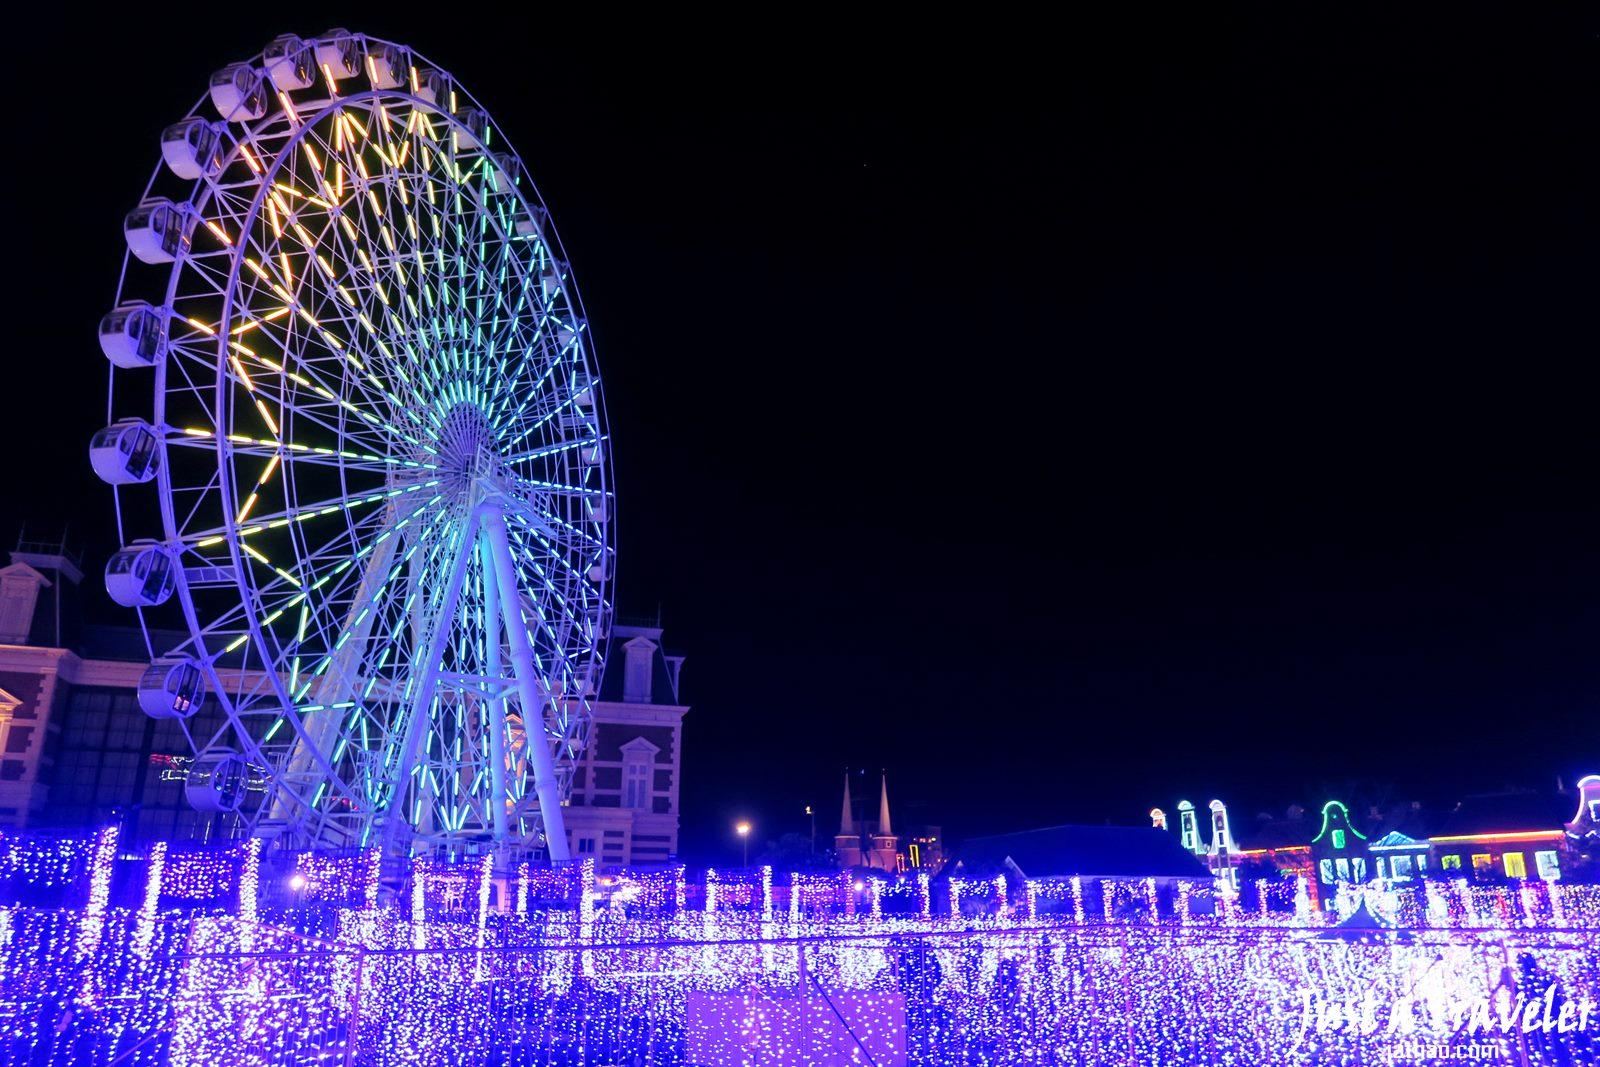 九州-長崎-景點-推薦-豪斯登堡-夜景-行程-旅遊-自由行-Kyushu-Huis Ten Bosch-night-view-Travel-Japan